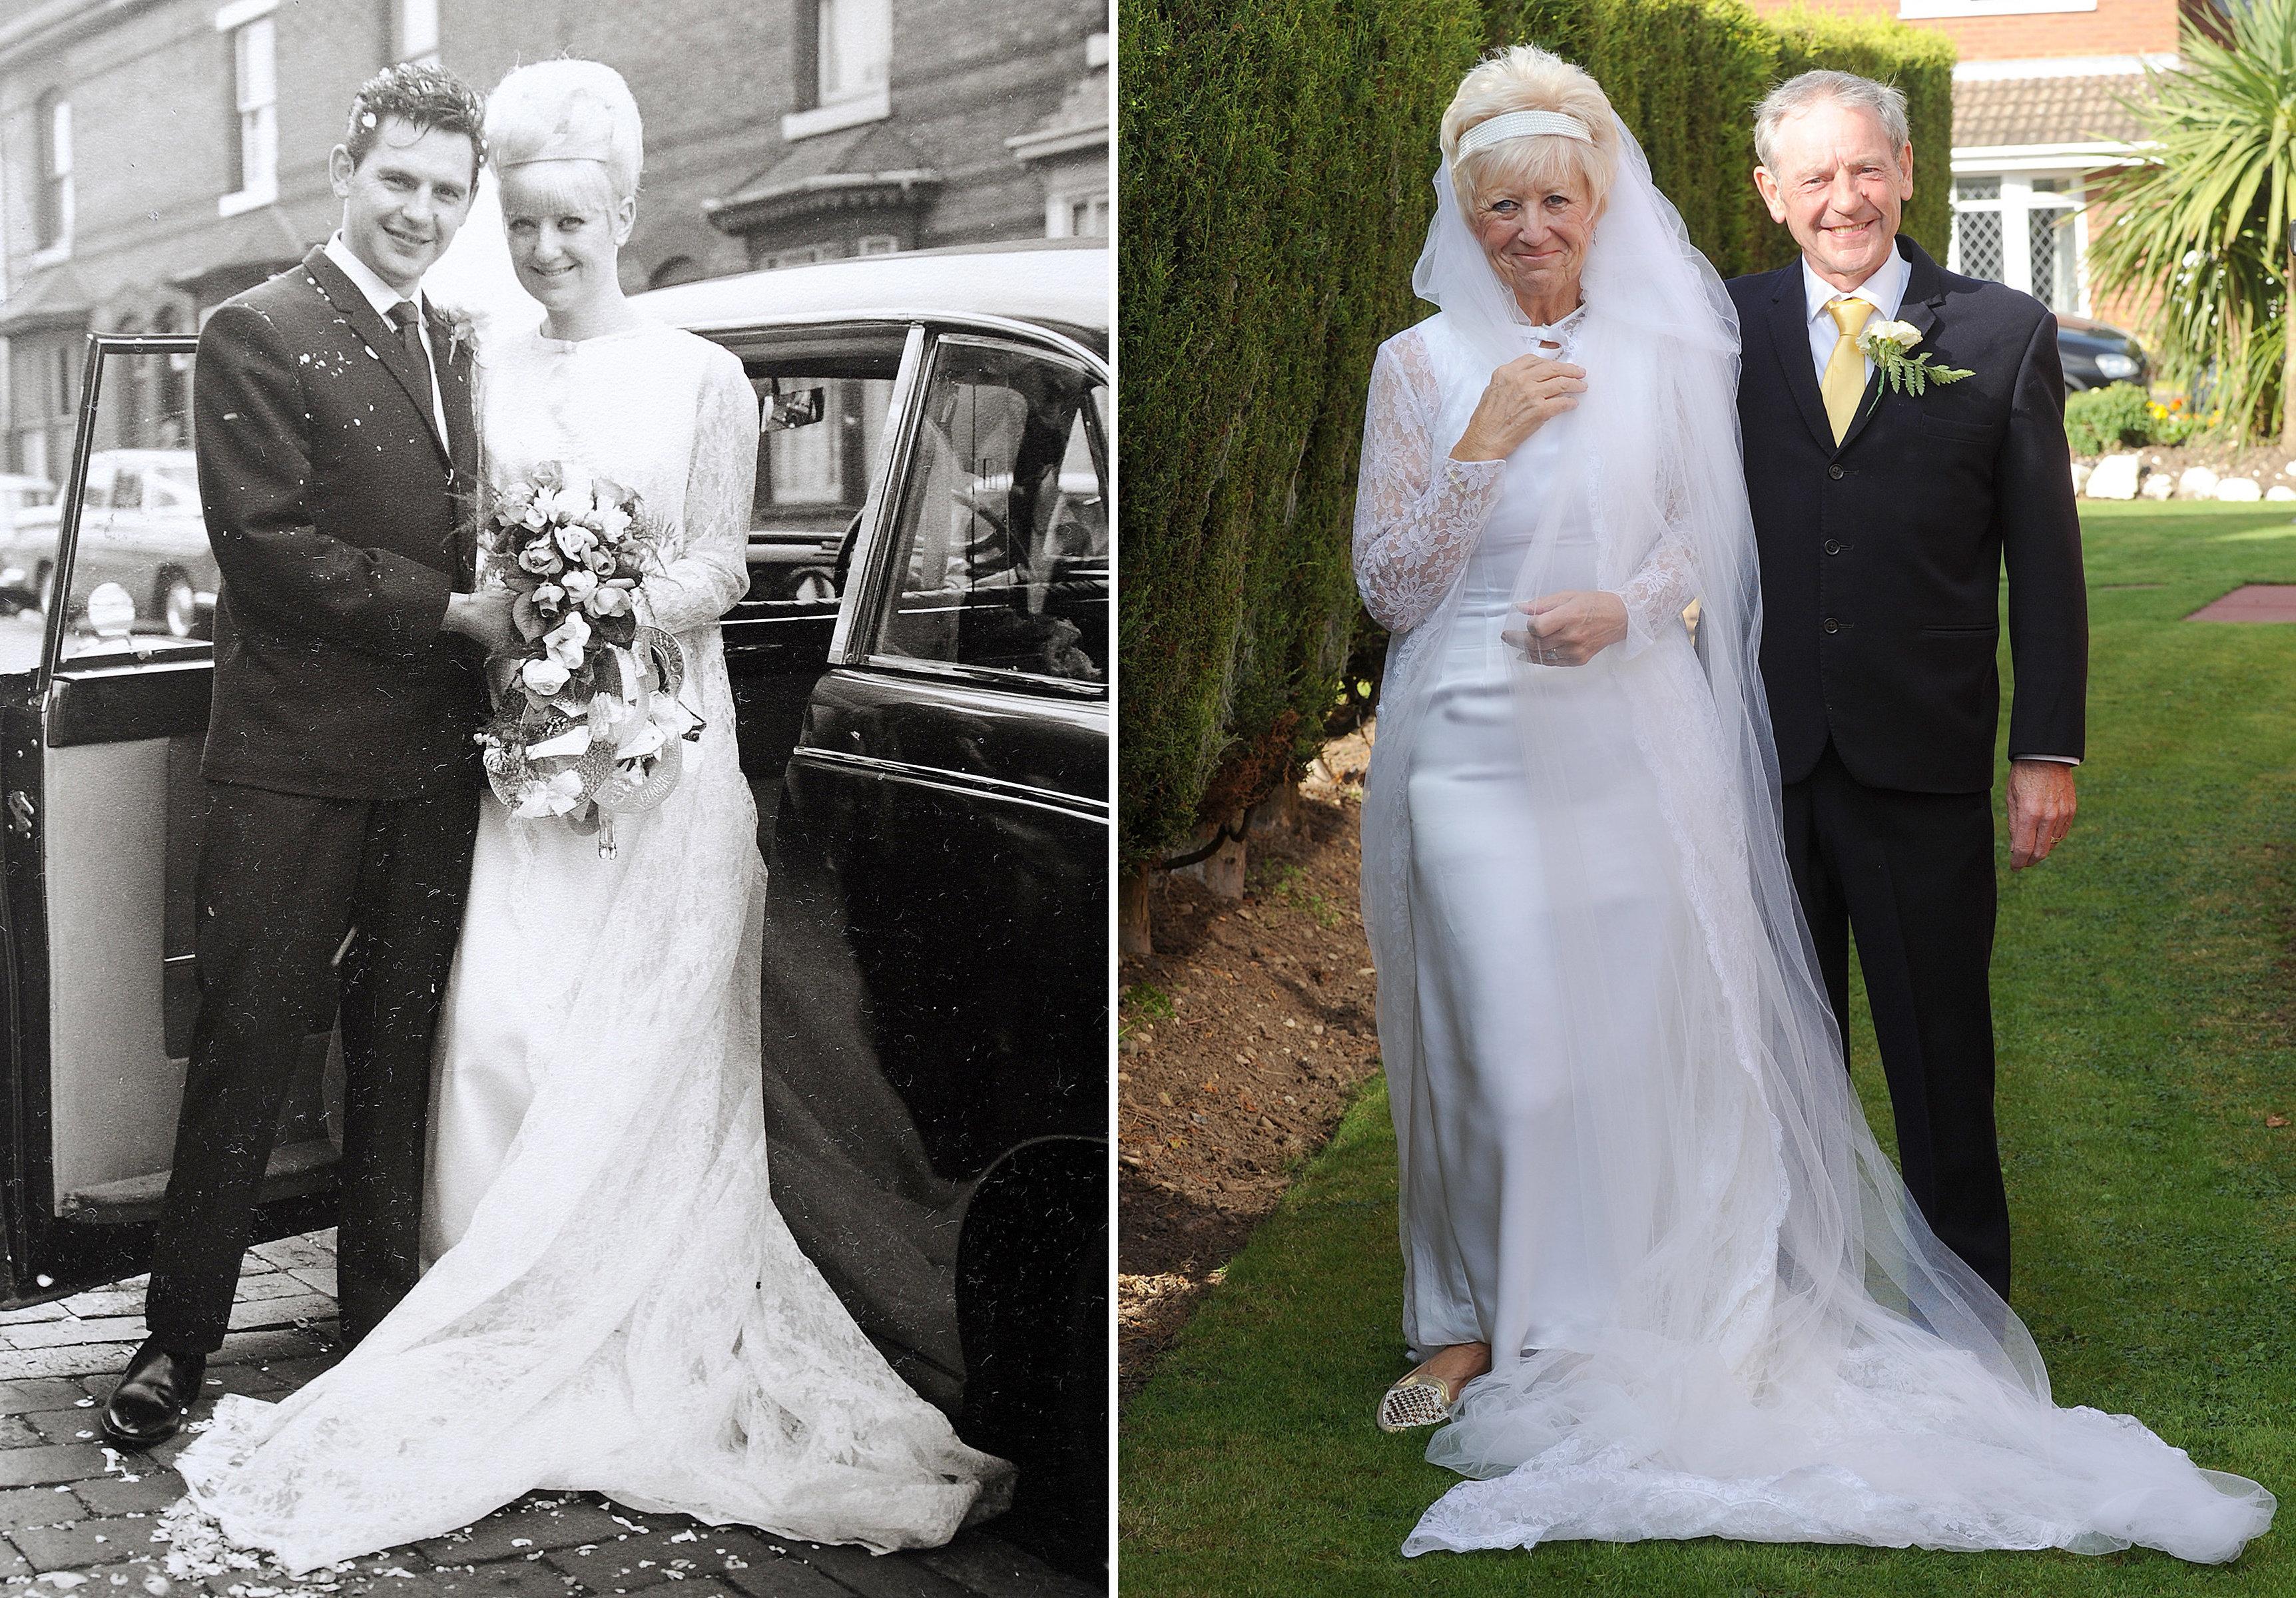 仲良しカップル、1966年に着たウェディングドレスで50回目の結婚記念日を祝う(画像集)